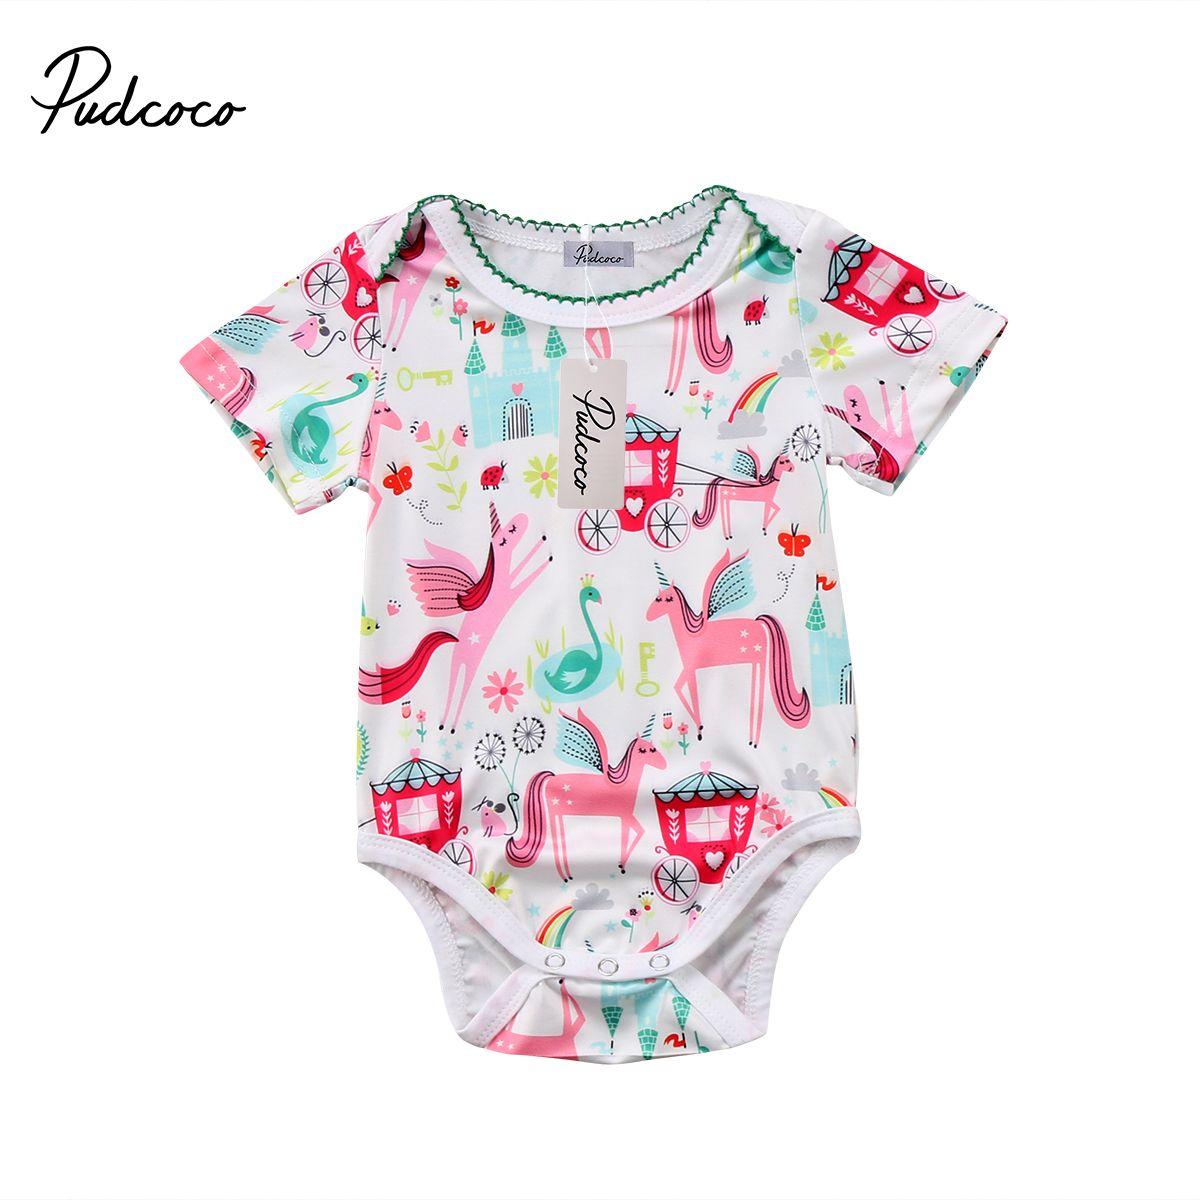 Pudcoco recién nacido algodón de los bebés del unicornio Body manga corta botón cubierto monos del mono de ropa Trajes